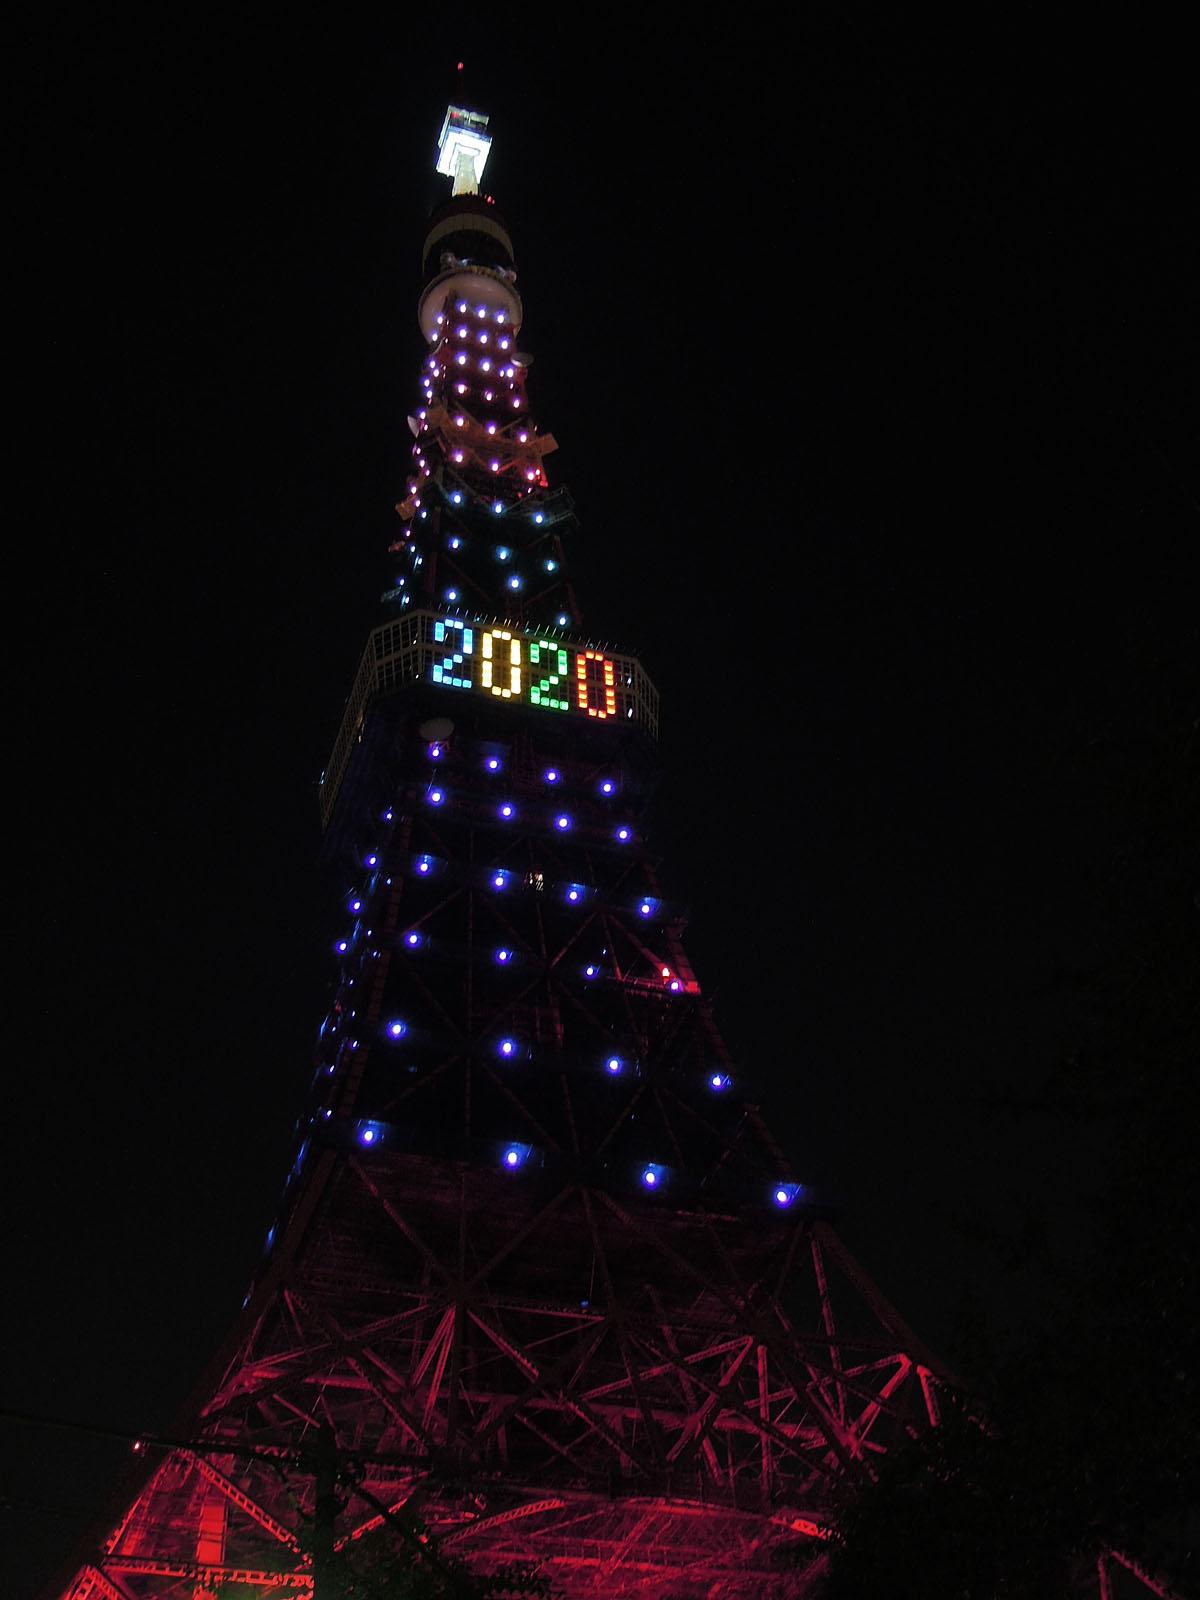 祝!2020 東京オリンピック・パラリンピック開催決定! オリンピックダイヤモンドヴェール